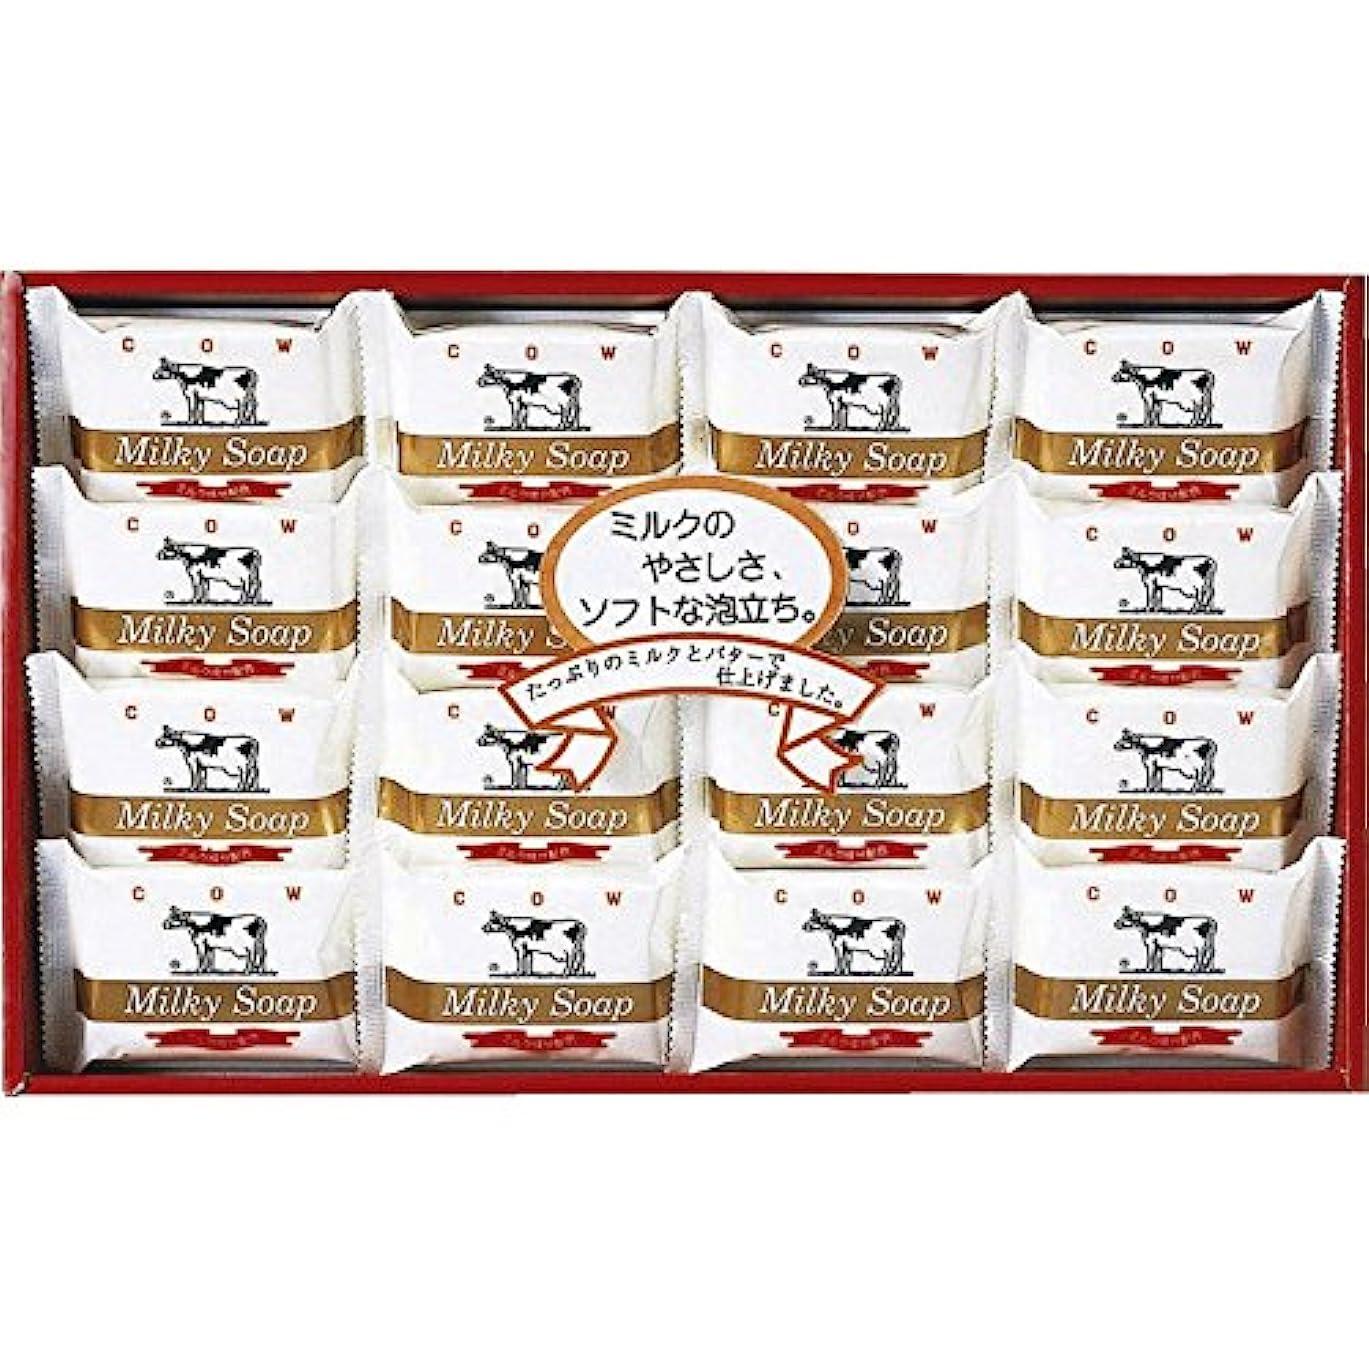 消防士実施する平方牛乳石鹸 ゴールドソープセット AG-20M 【せっけん 石けん 石鹸 いい香り うるおい 個包装 洗う 美容 あらう ギフト プレゼント 詰め合わせ 良い香り 全身洗える お風呂 バスタイム セット 洗顔】